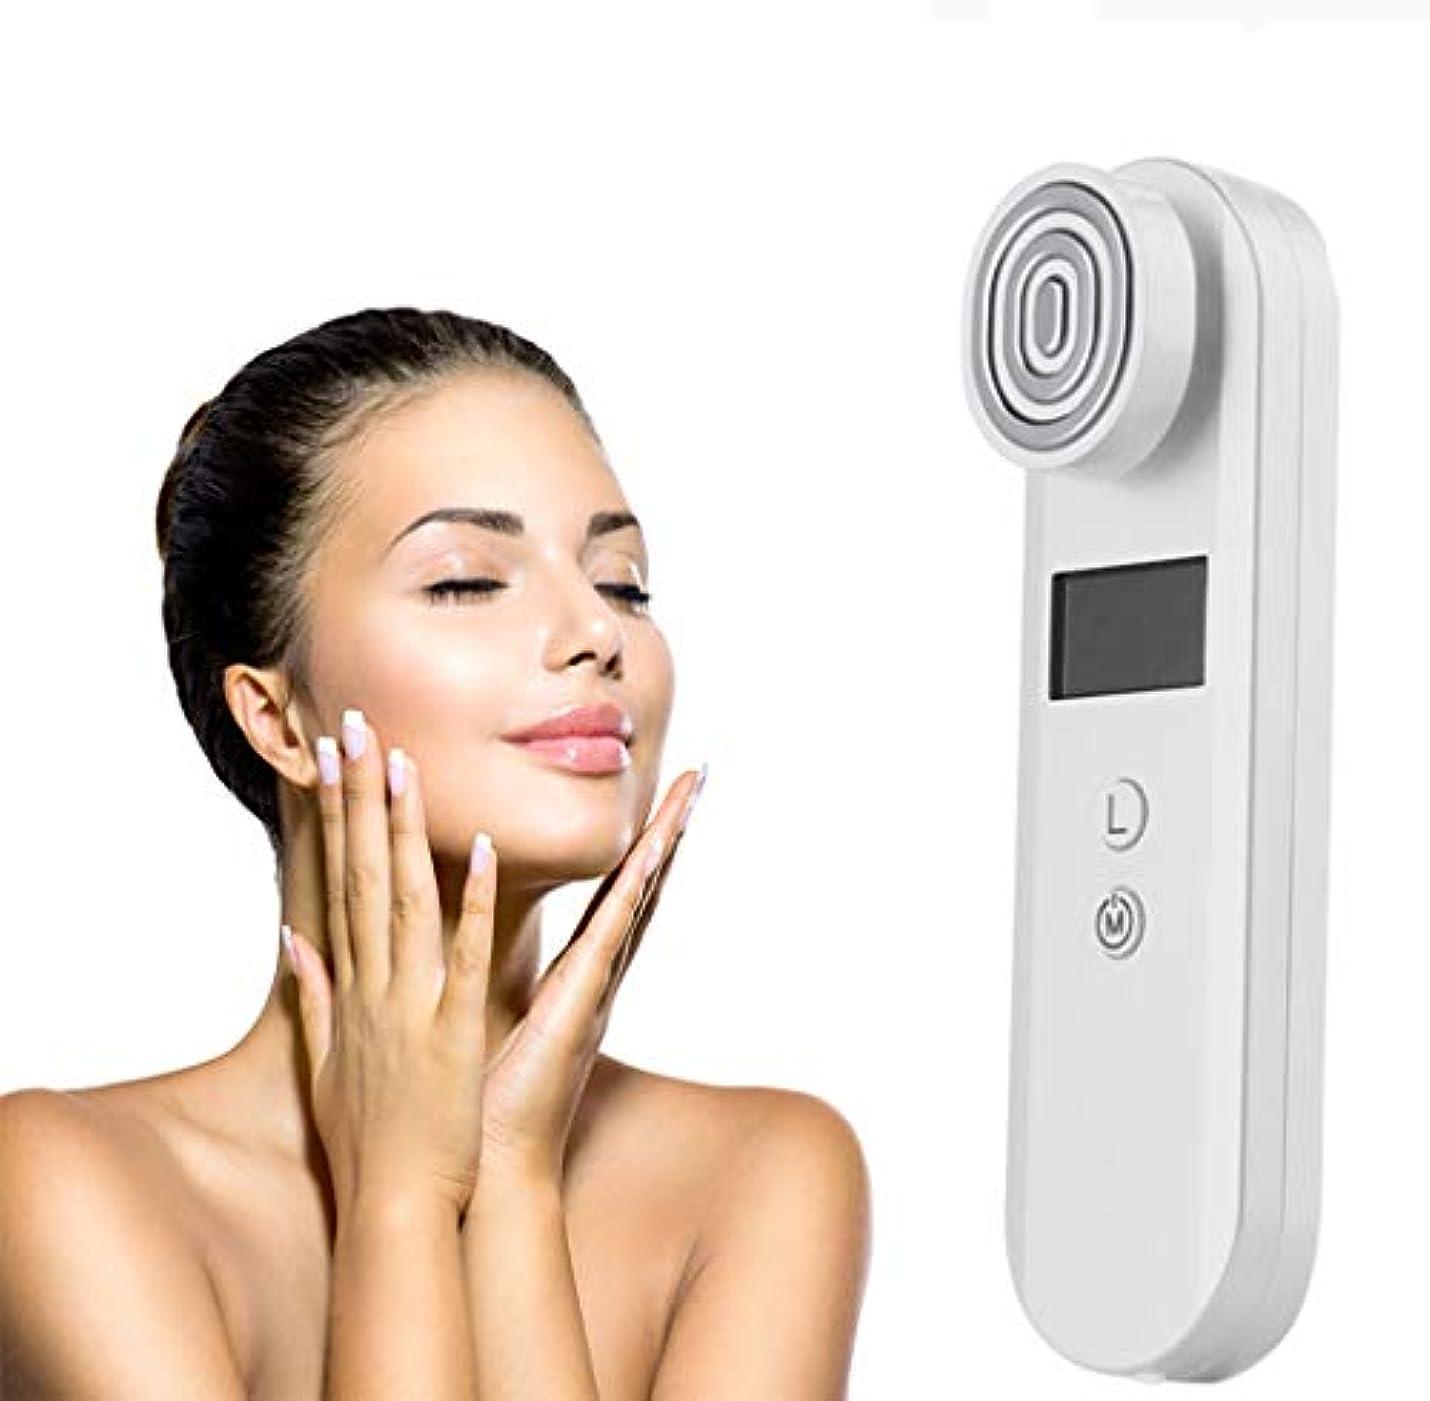 リッチ法的主張するRFラジオ周波数美容機器、ダークサークル除去シワ除去フェイスネックリフト装置RF顔アンチエイジング美容デバイス顔マッサージャー,White